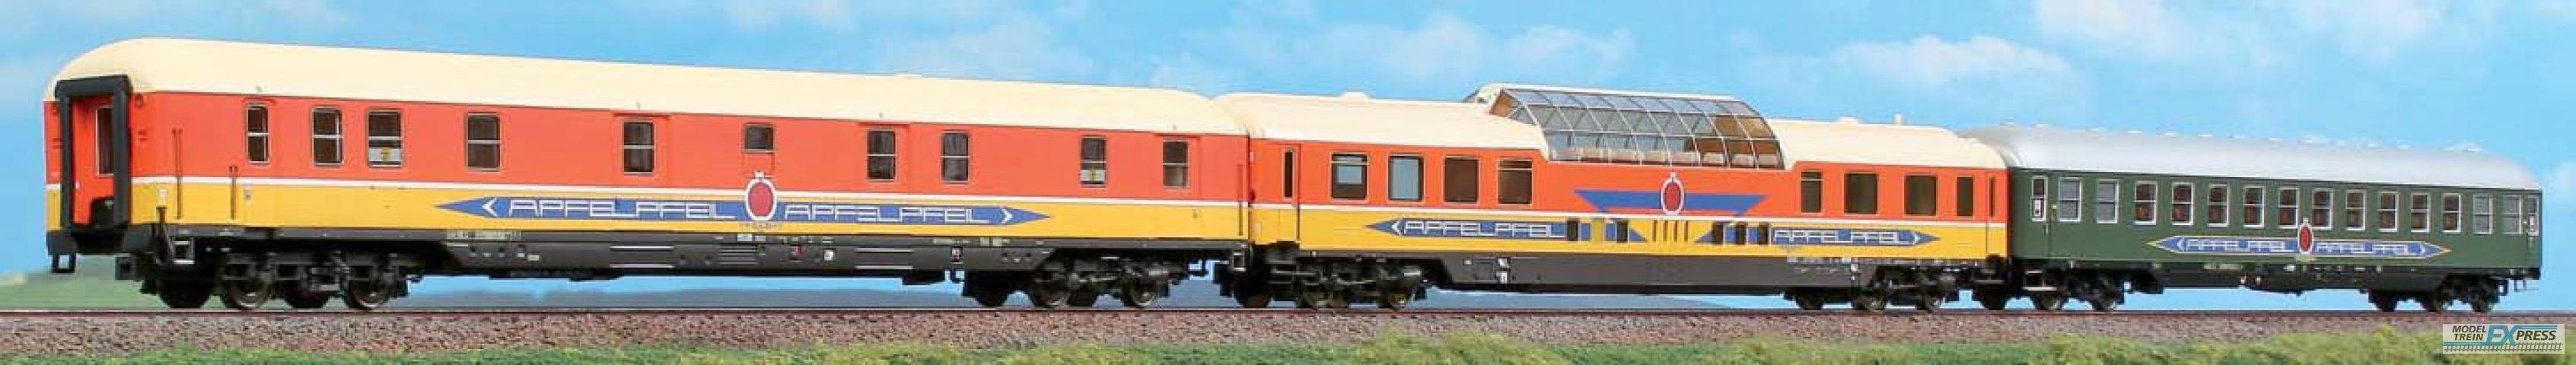 ACME 55235